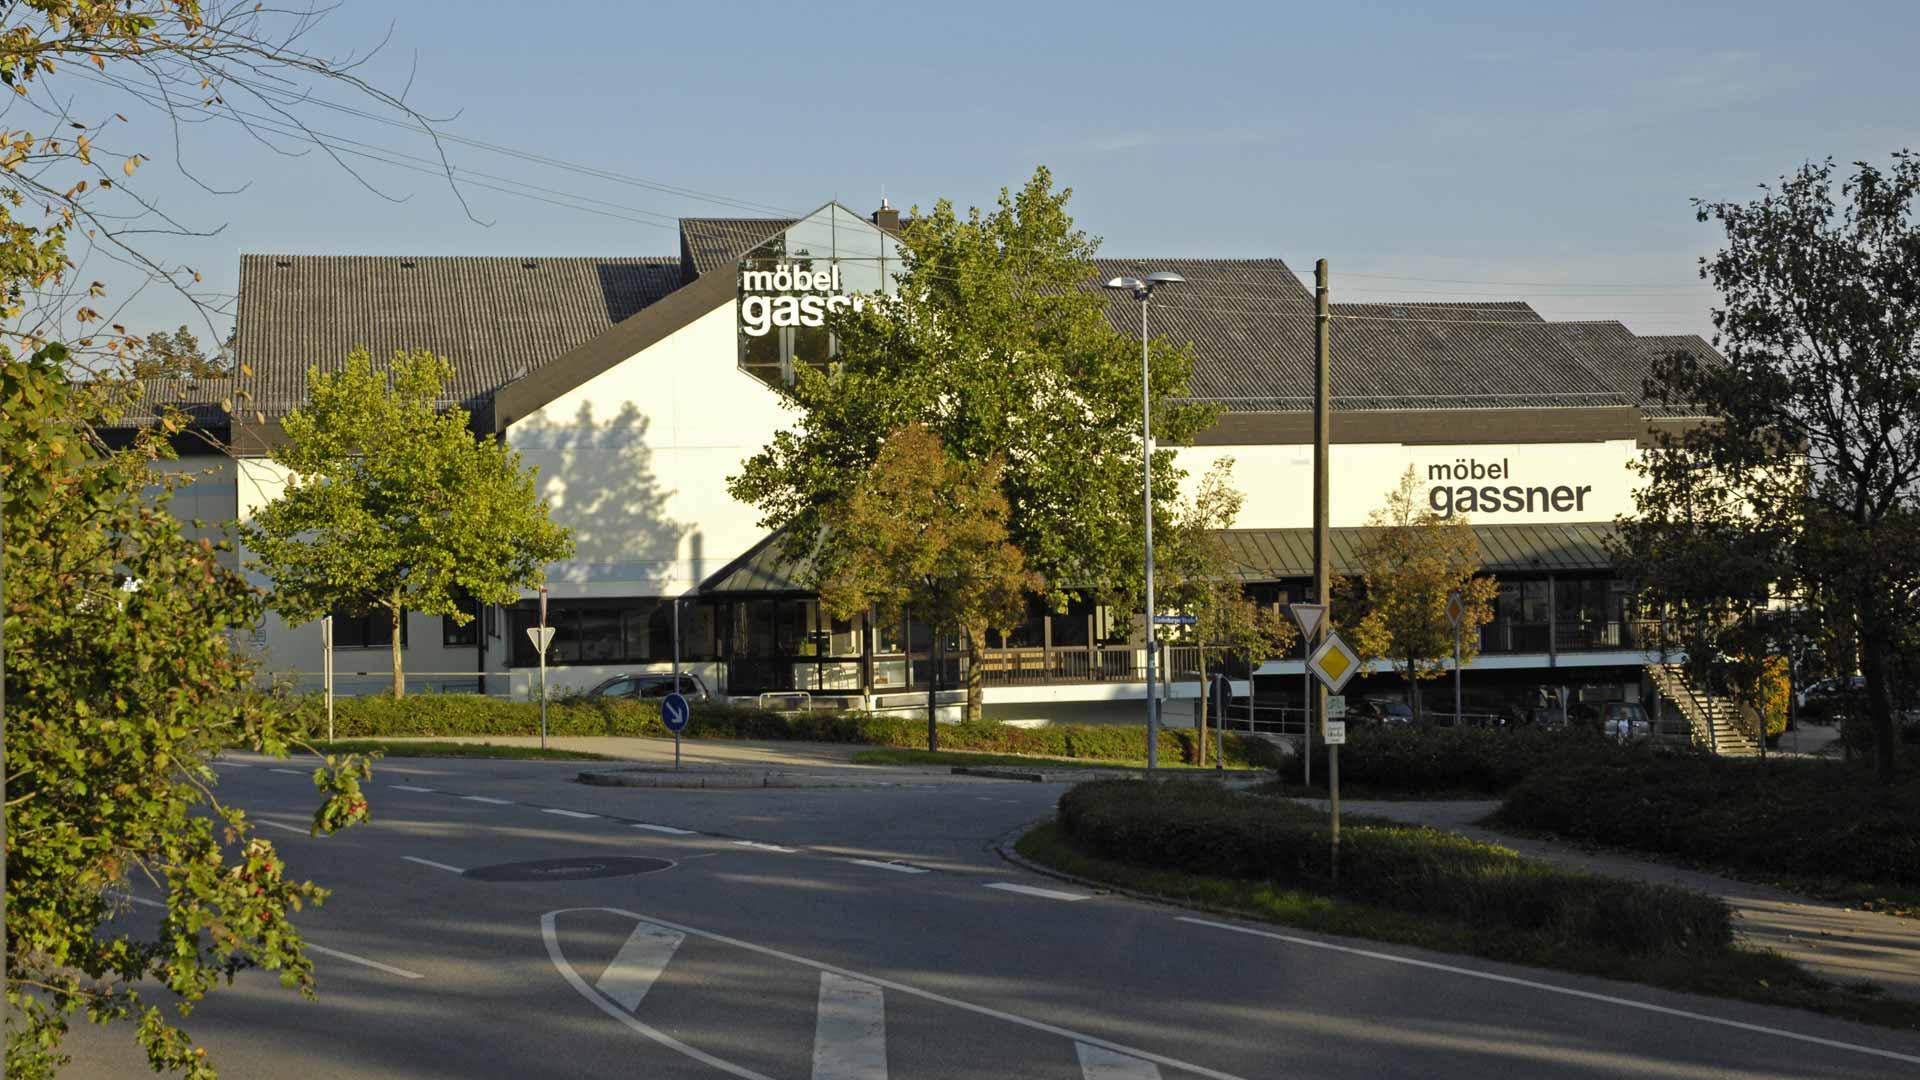 Ingolstadt mbelhaus foto zu schuster ingolstadt bayern - Mobelhauser regensburg umgebung ...